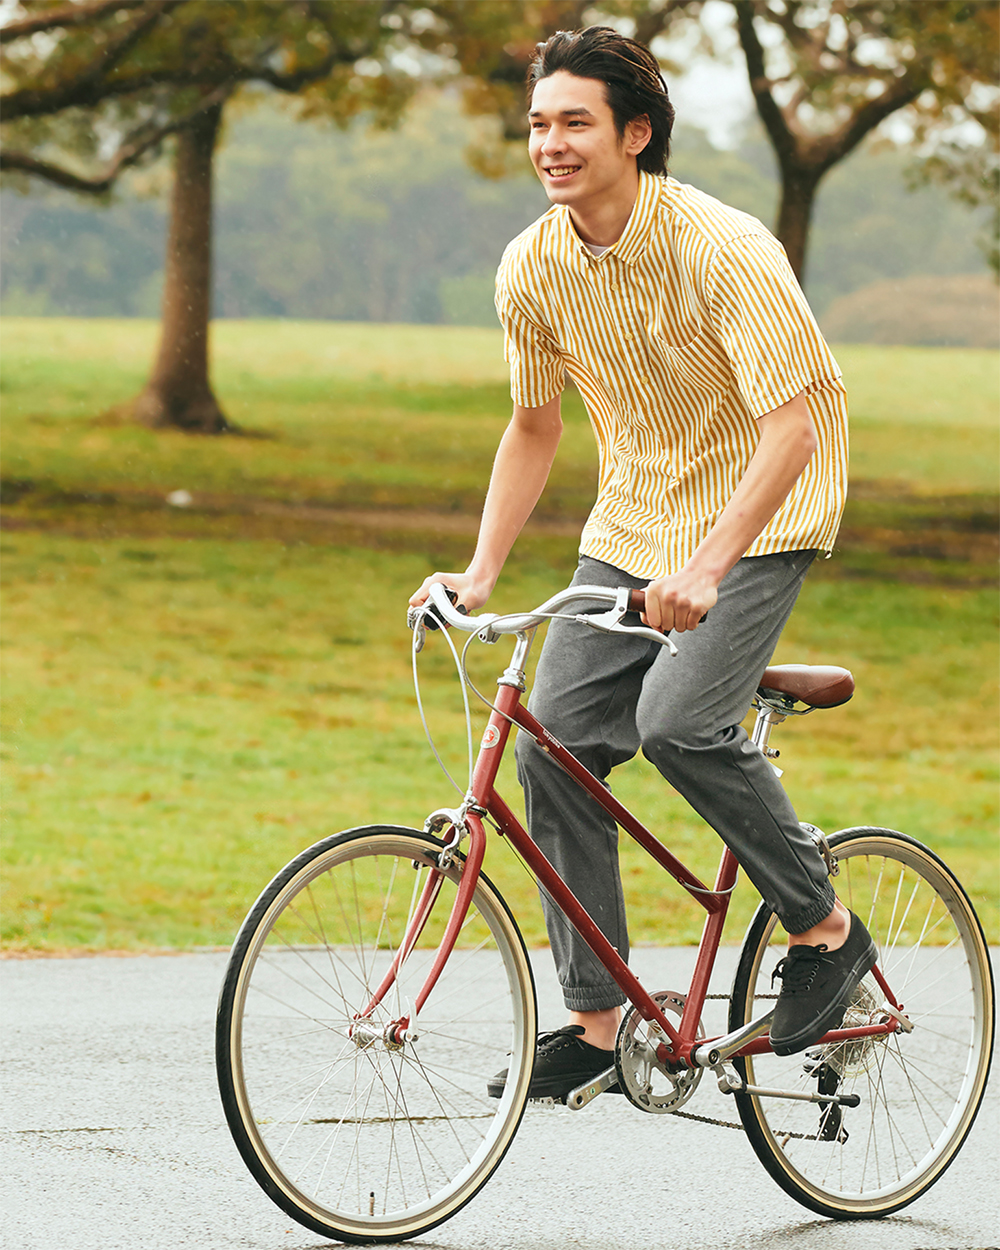 người mẫu nam mặc quần uniqlo ultra stretch đang đạp xe